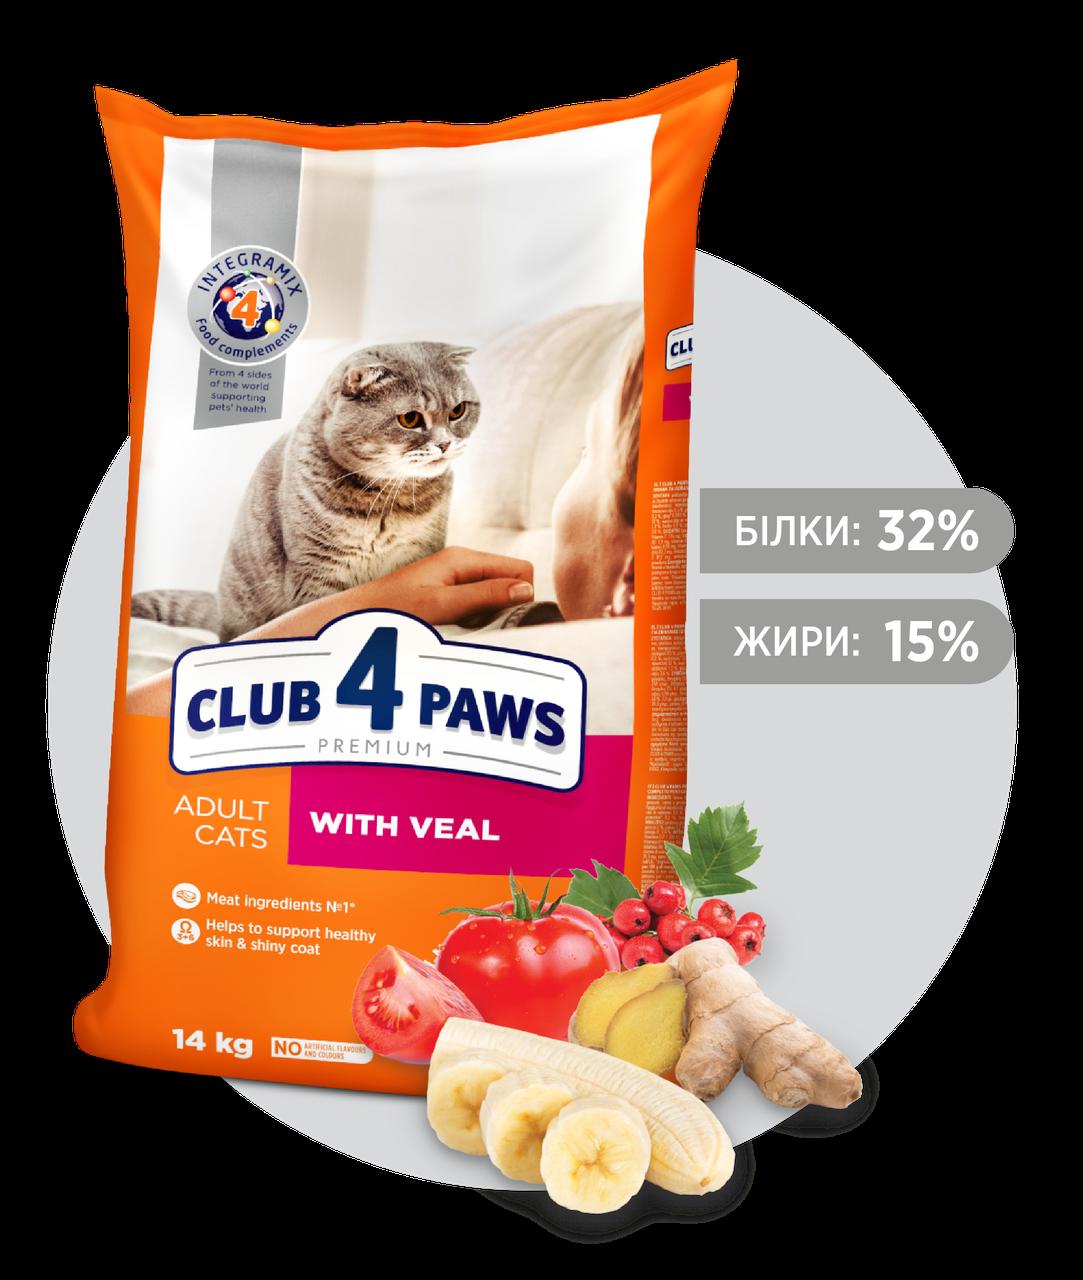 Клуб 4 лапи Преміум з телятиною корм для кішок 14кг